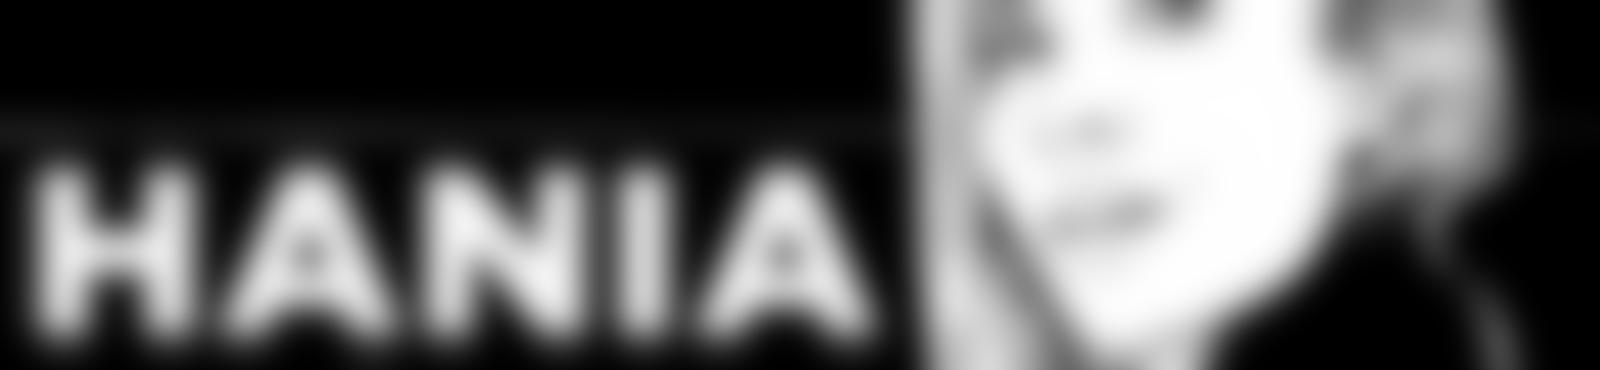 Blurred 624612fd 86ff 49ab a38d 6fbf165df3f6